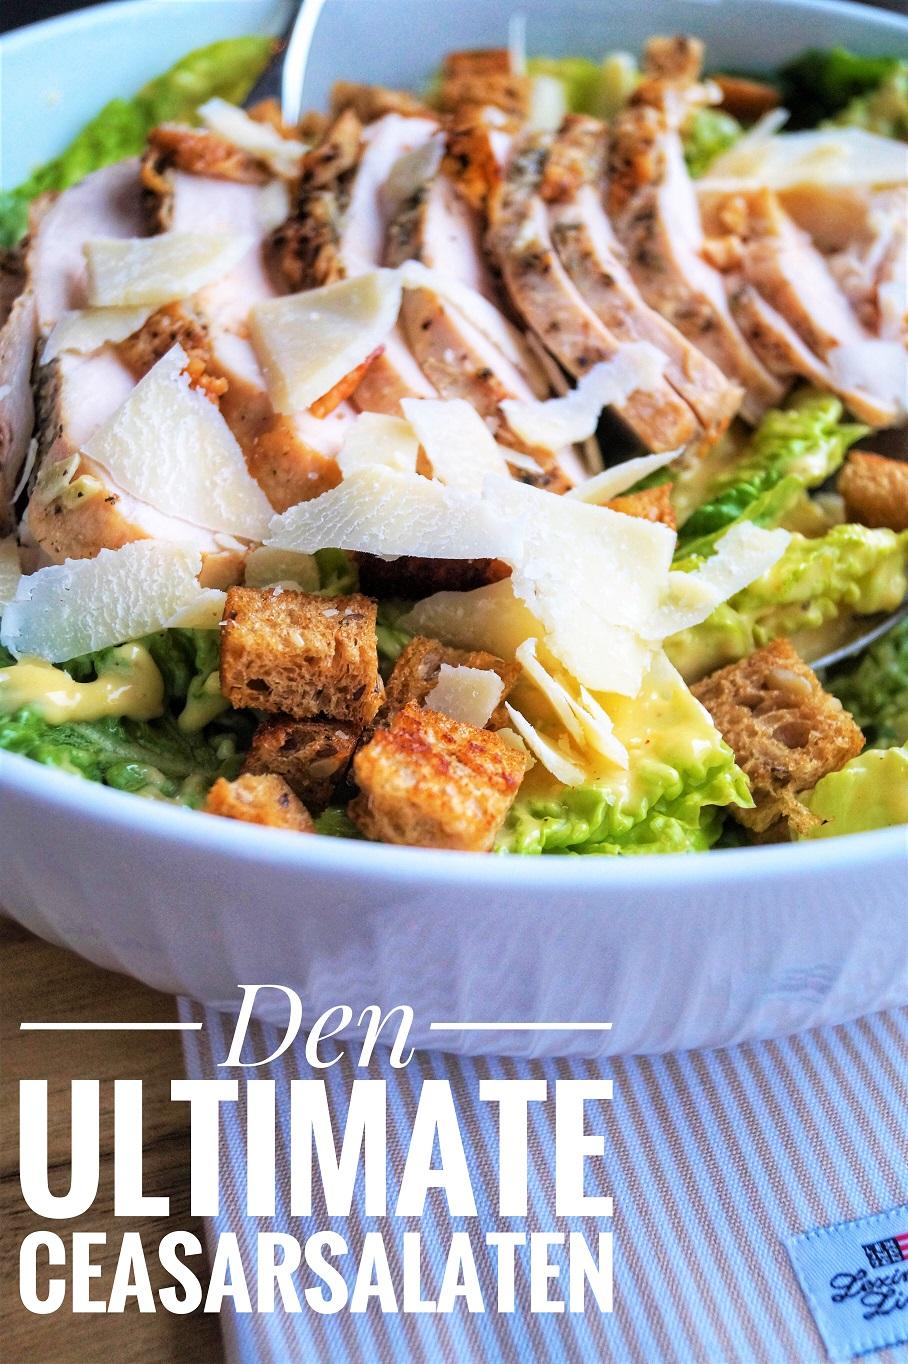 den ultimate cæsarsalaten.jpg